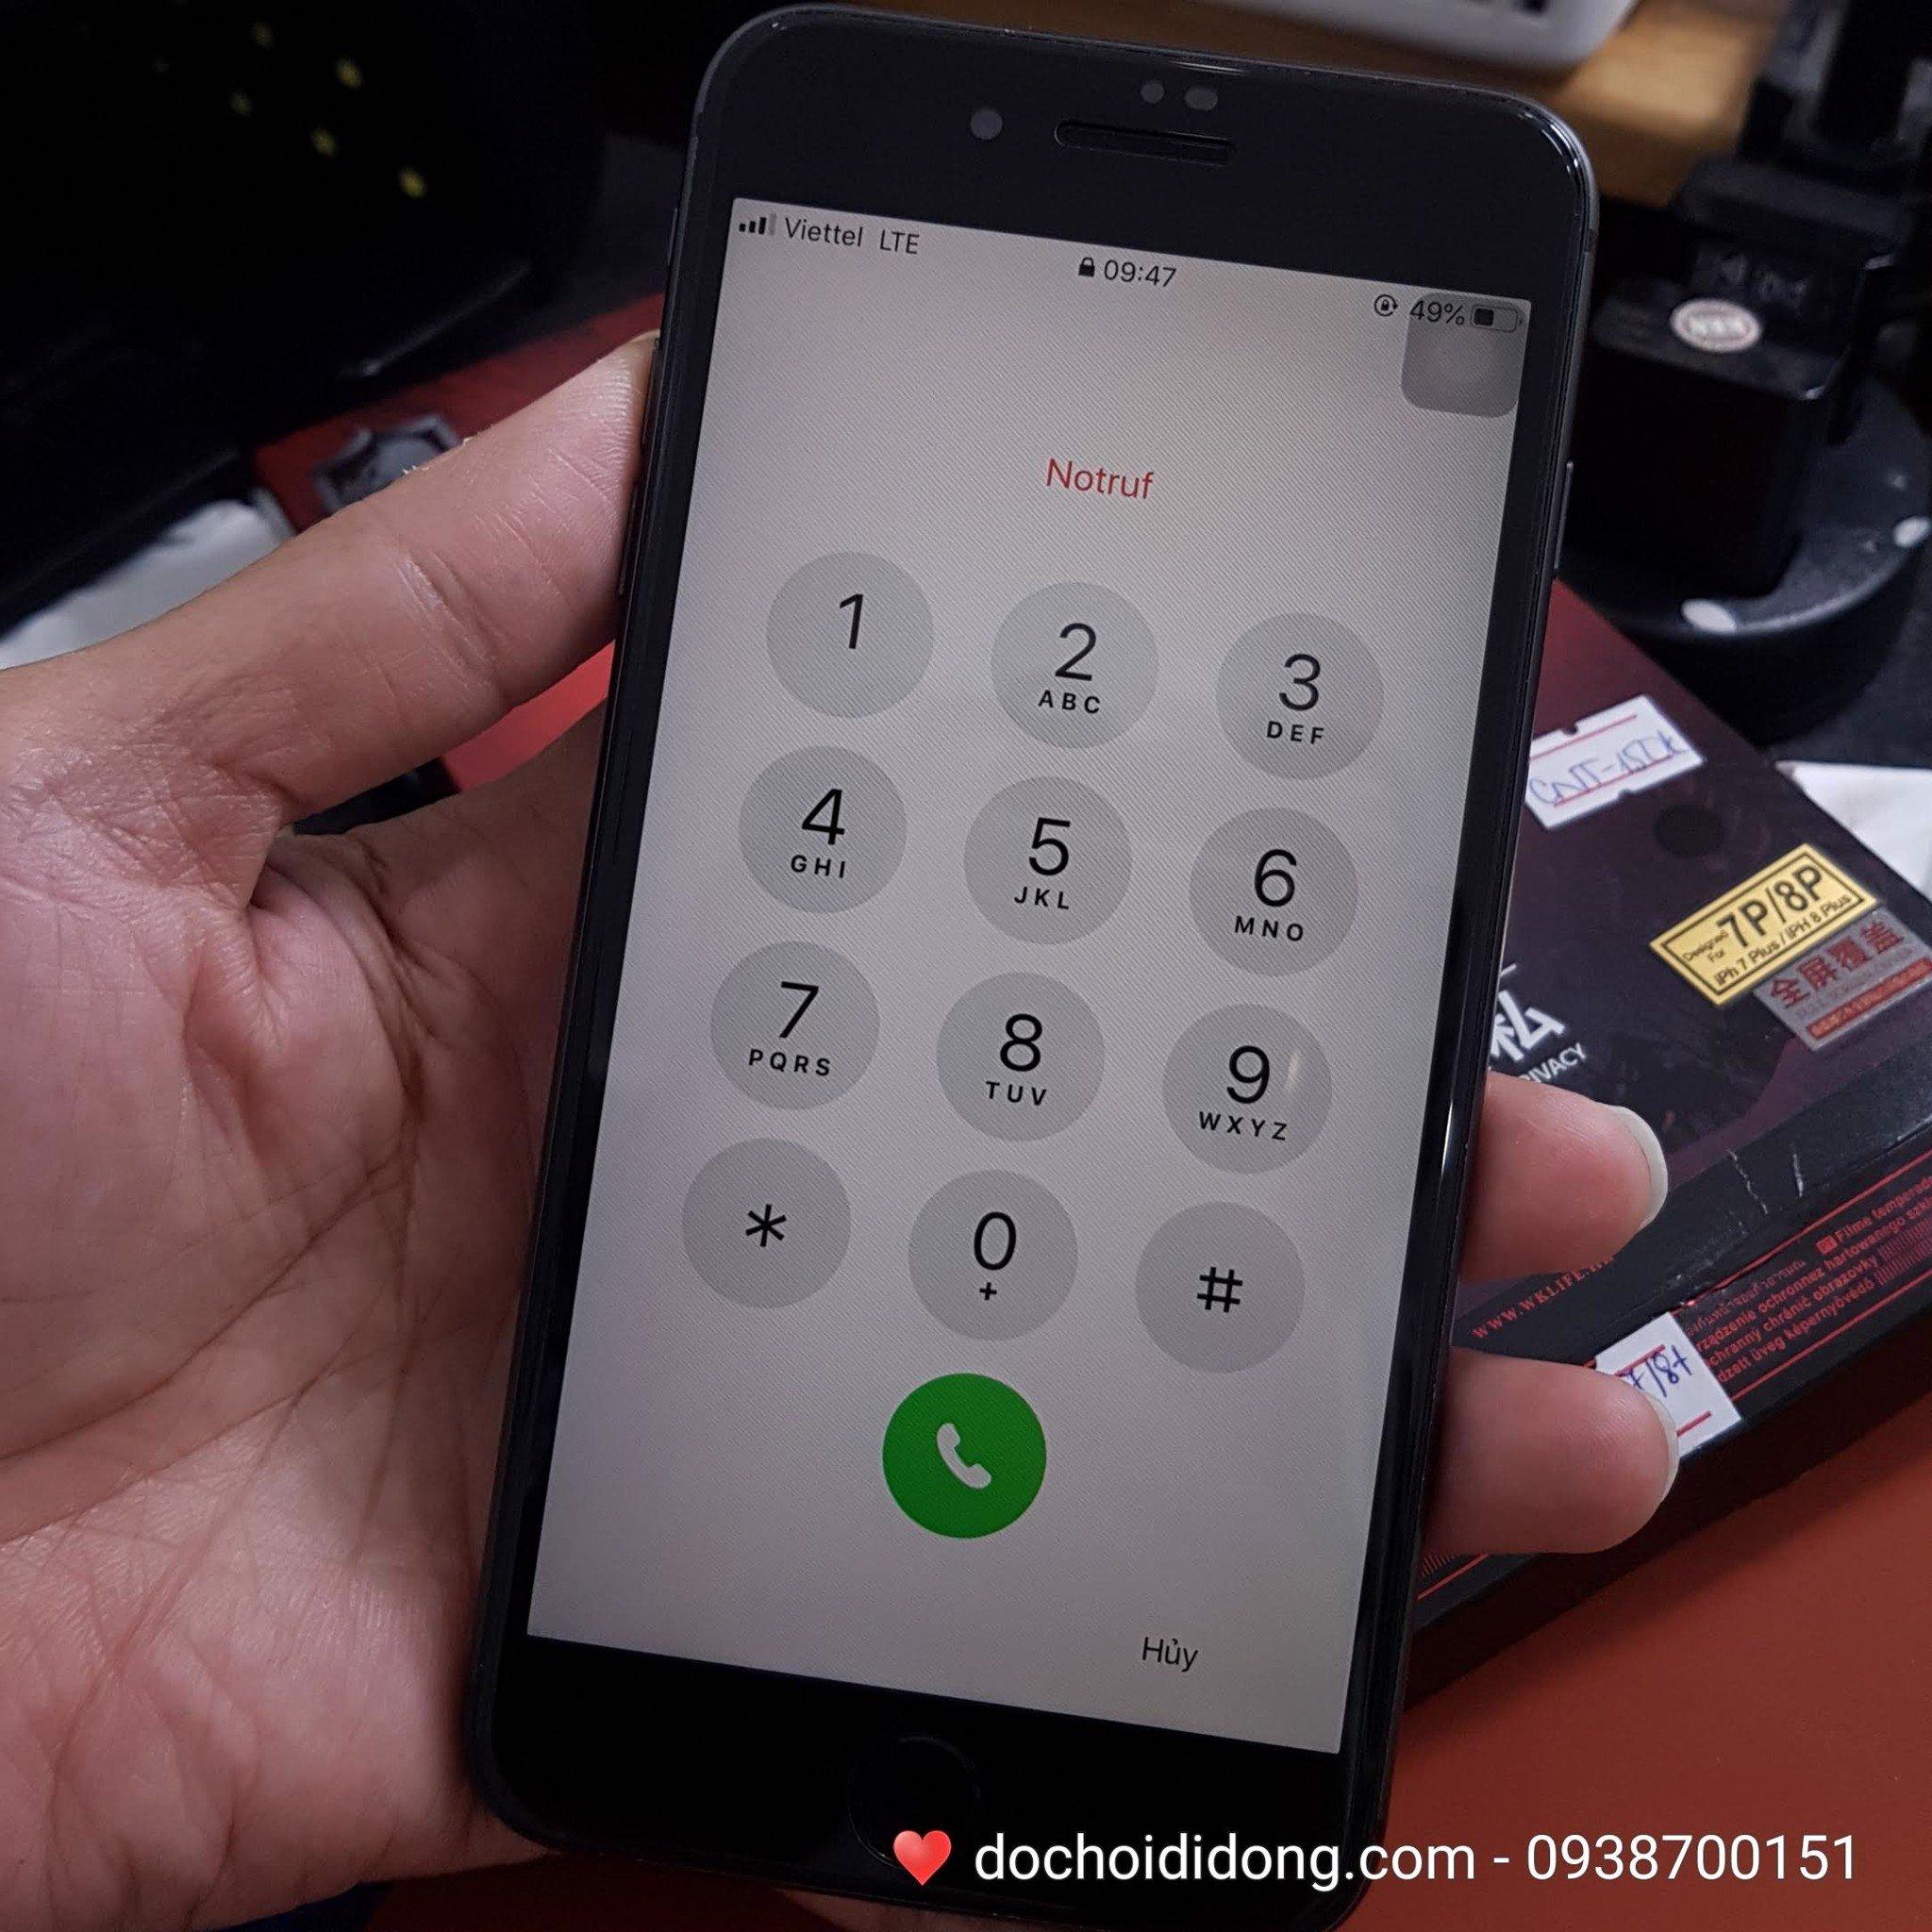 dan-cuong-luc-iphone-7-8-plus-kingkong-full-man-hinh-chong-nhin-trom